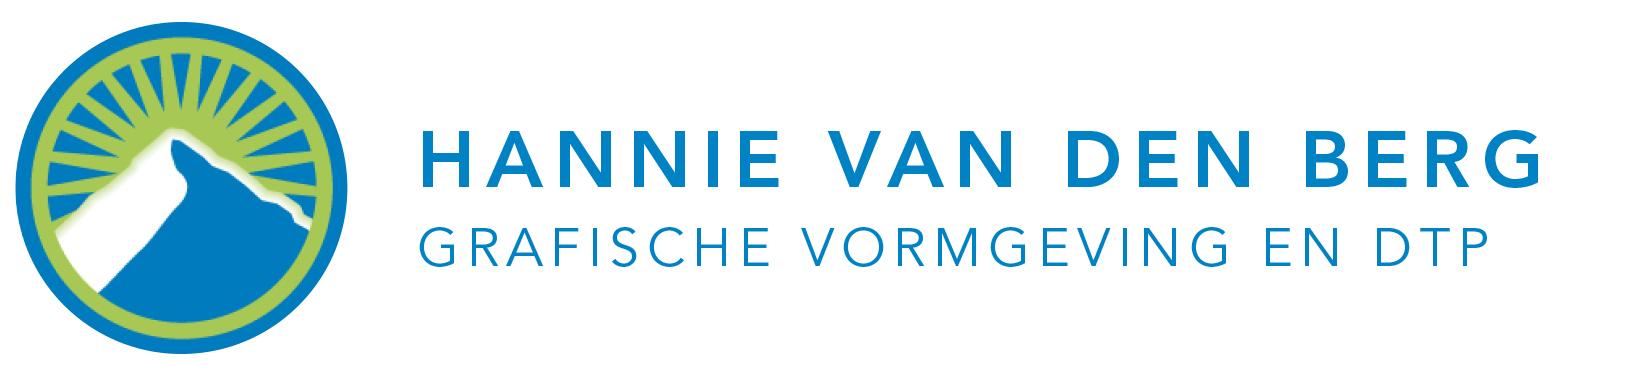 Hannie van den Berg